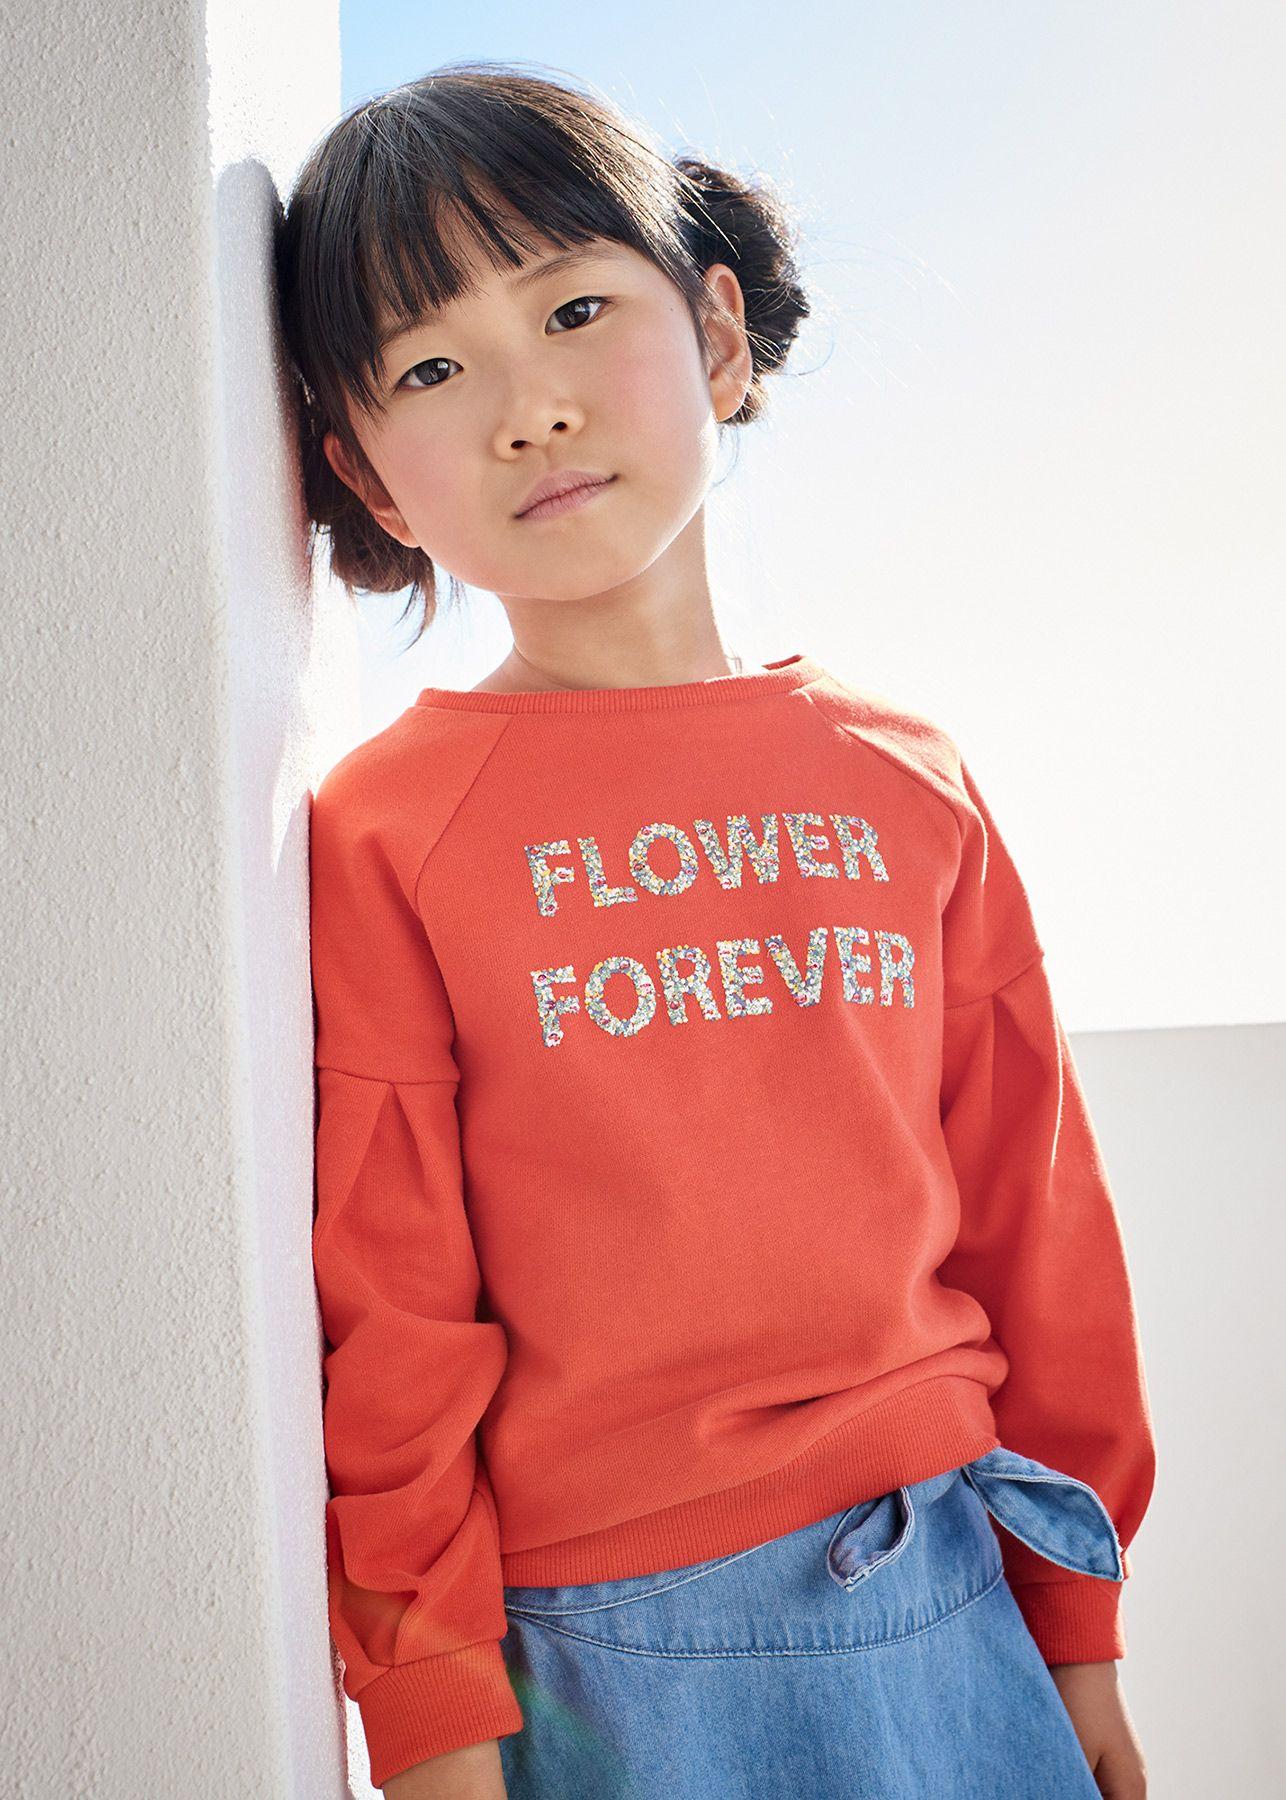 Vert_Spring_Home_1.jpg